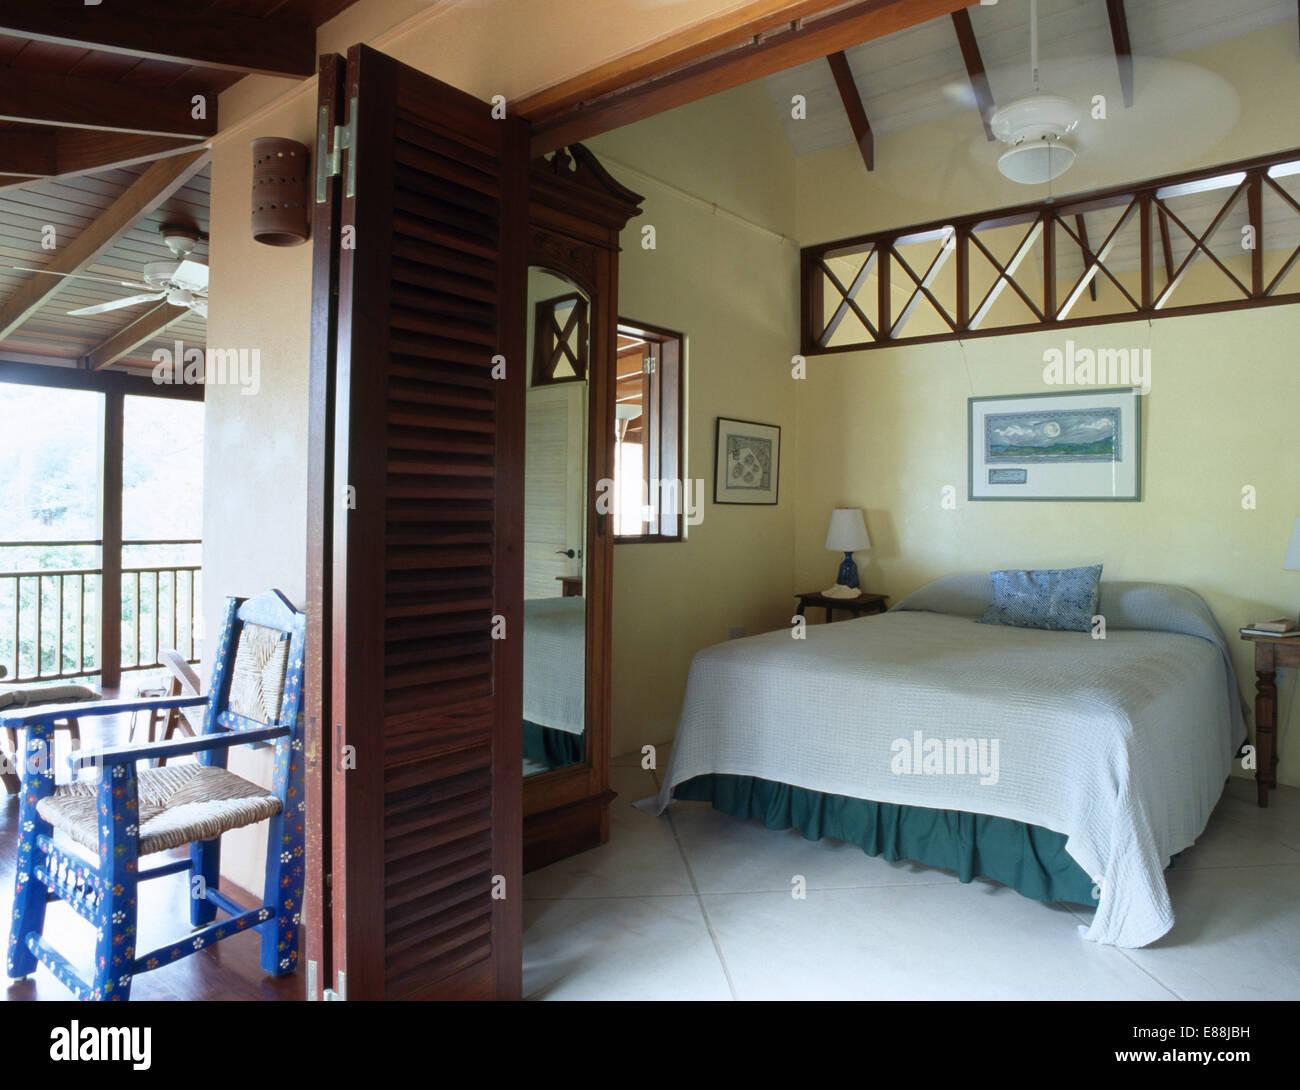 Schlafzimmer Tur Offnen #22: Hölzerne Gitterwerk In Wand über Dem Bett Im Karibischen Schlafzimmer Mit  Falttür Zu öffnen, Auf Der Veranda